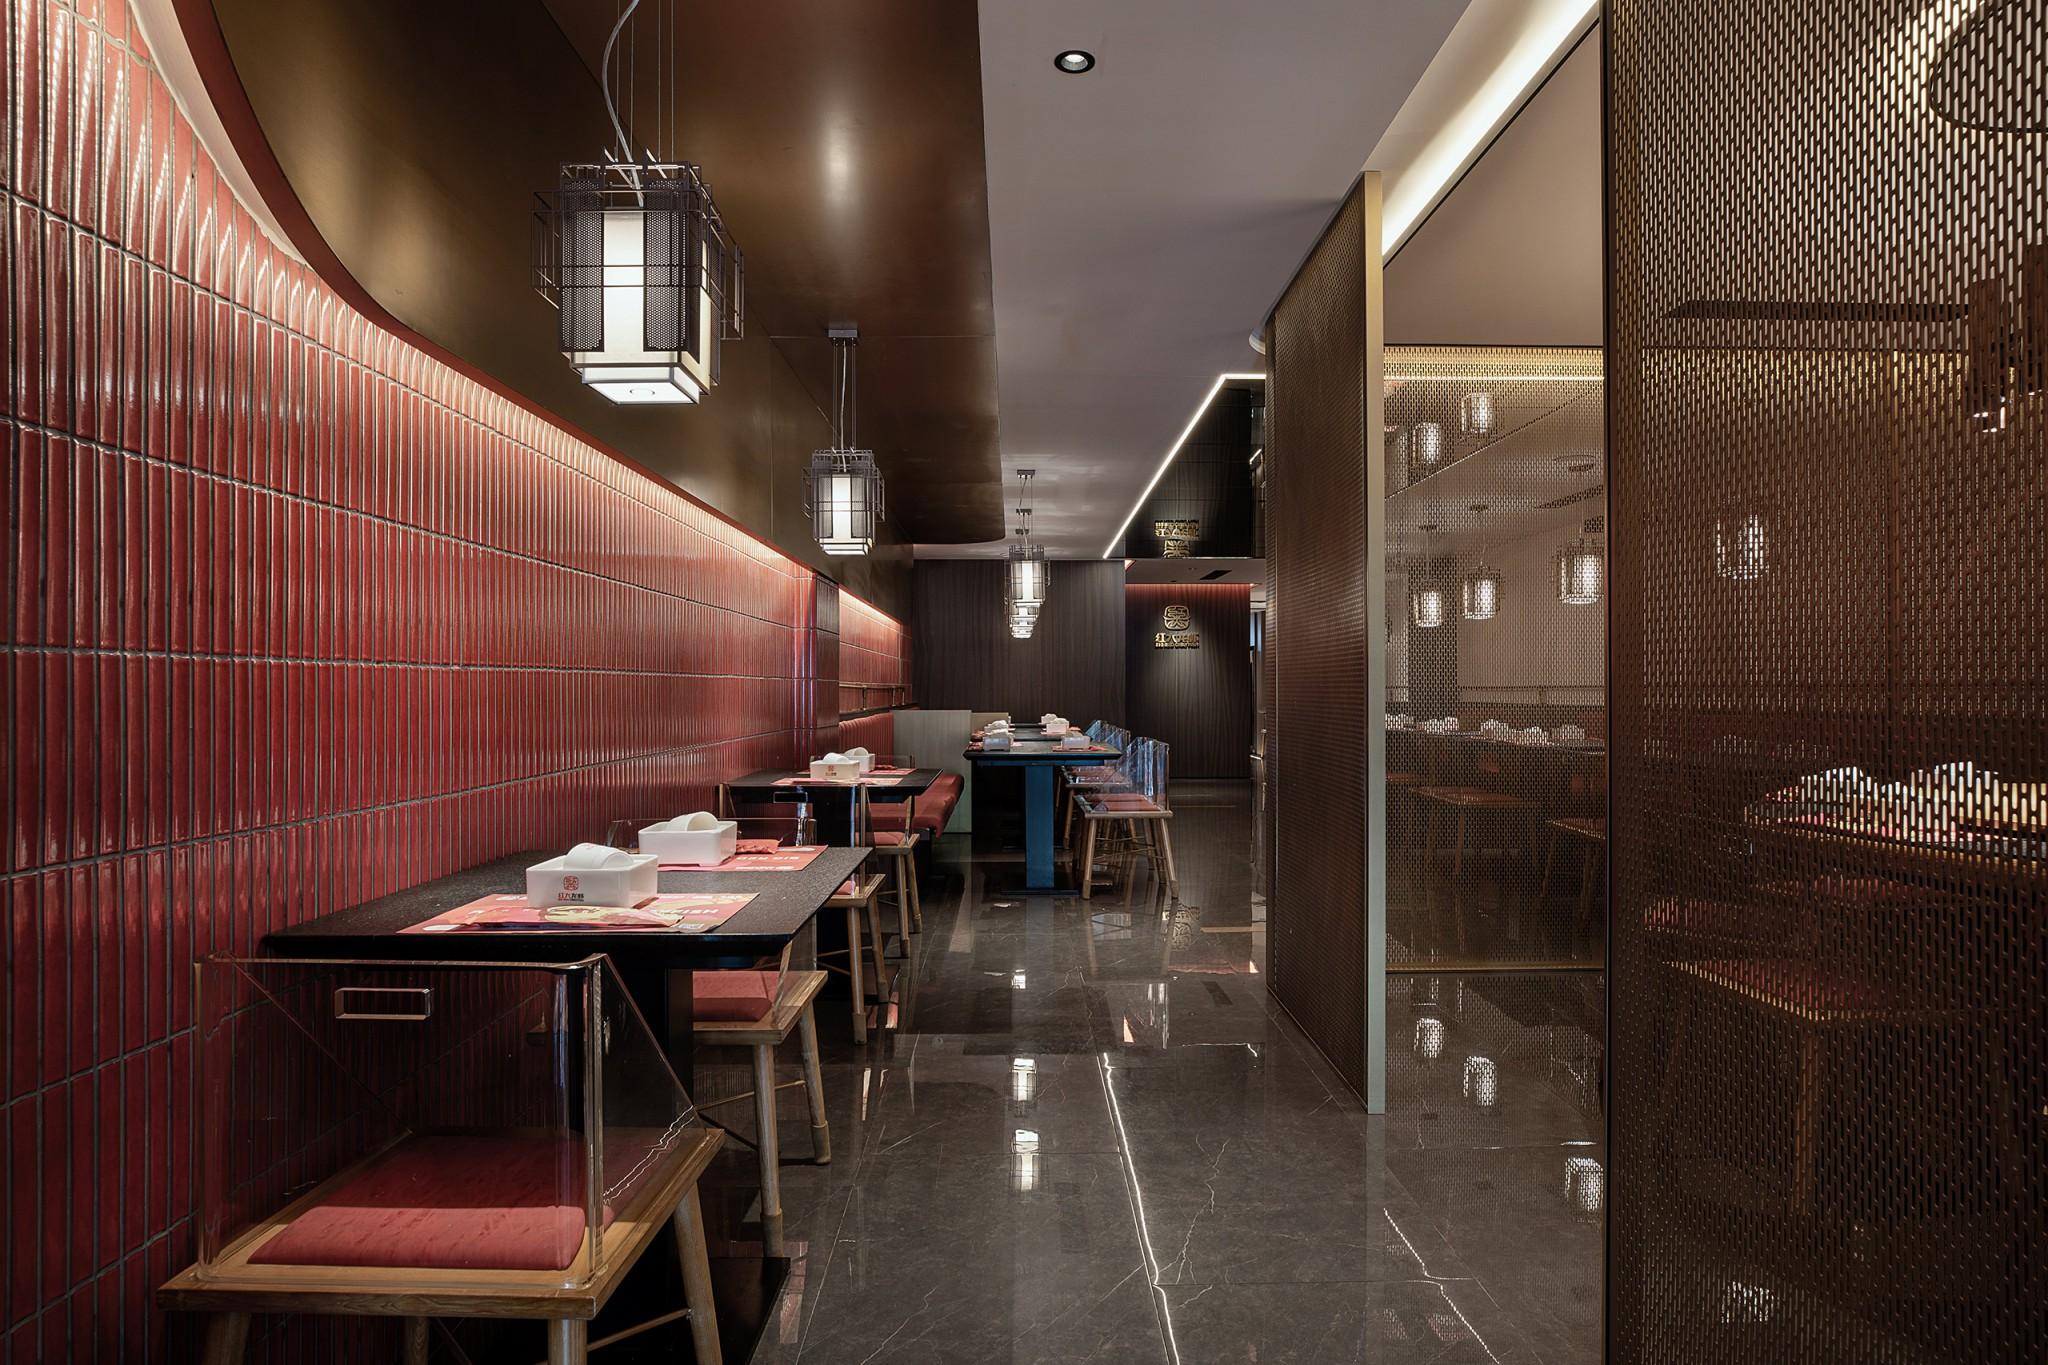 餐饮品牌商业空间设计-红大龙虾ec1becdd2823d1bfe501c3f40e5ed192